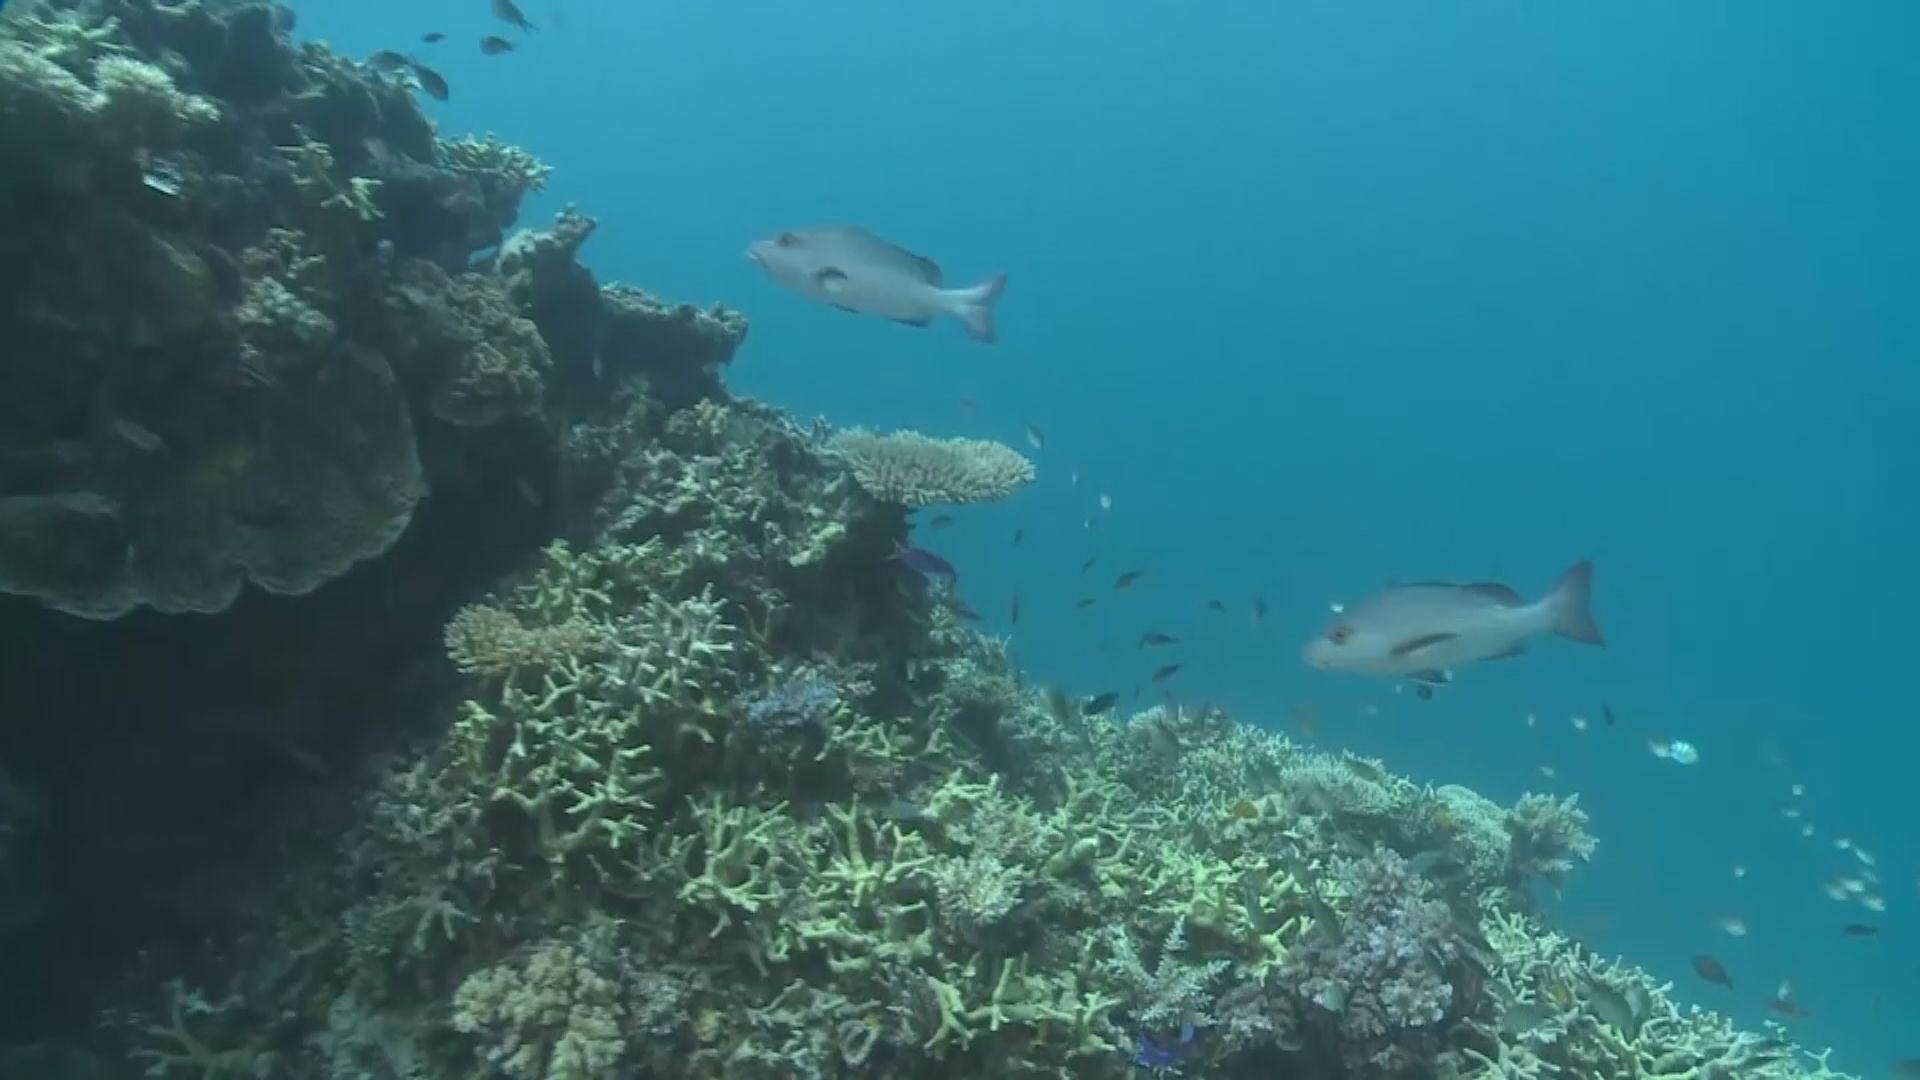 教科文組織建議大堡礁列瀕危遺產 據報澳洲相信中國幕後操弄